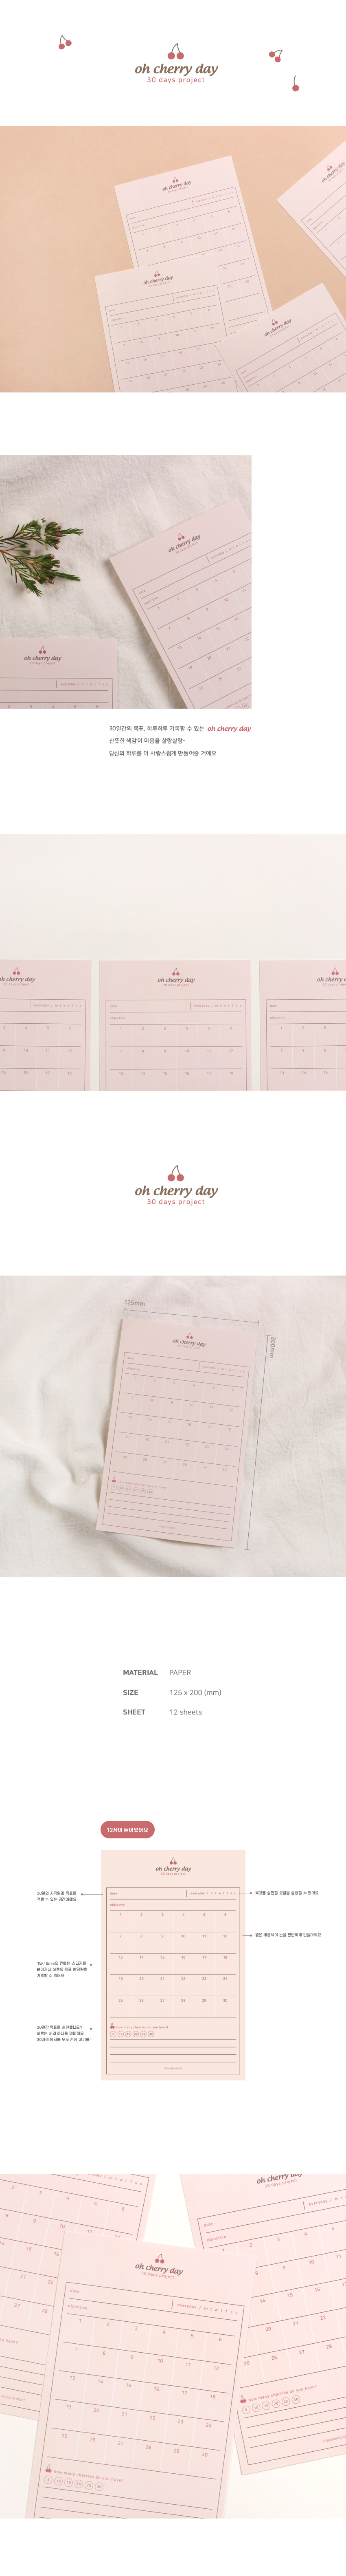 오 체리 데이 - 30days - 대시앤도트, 3,800원, 플래너, 데일리플래너